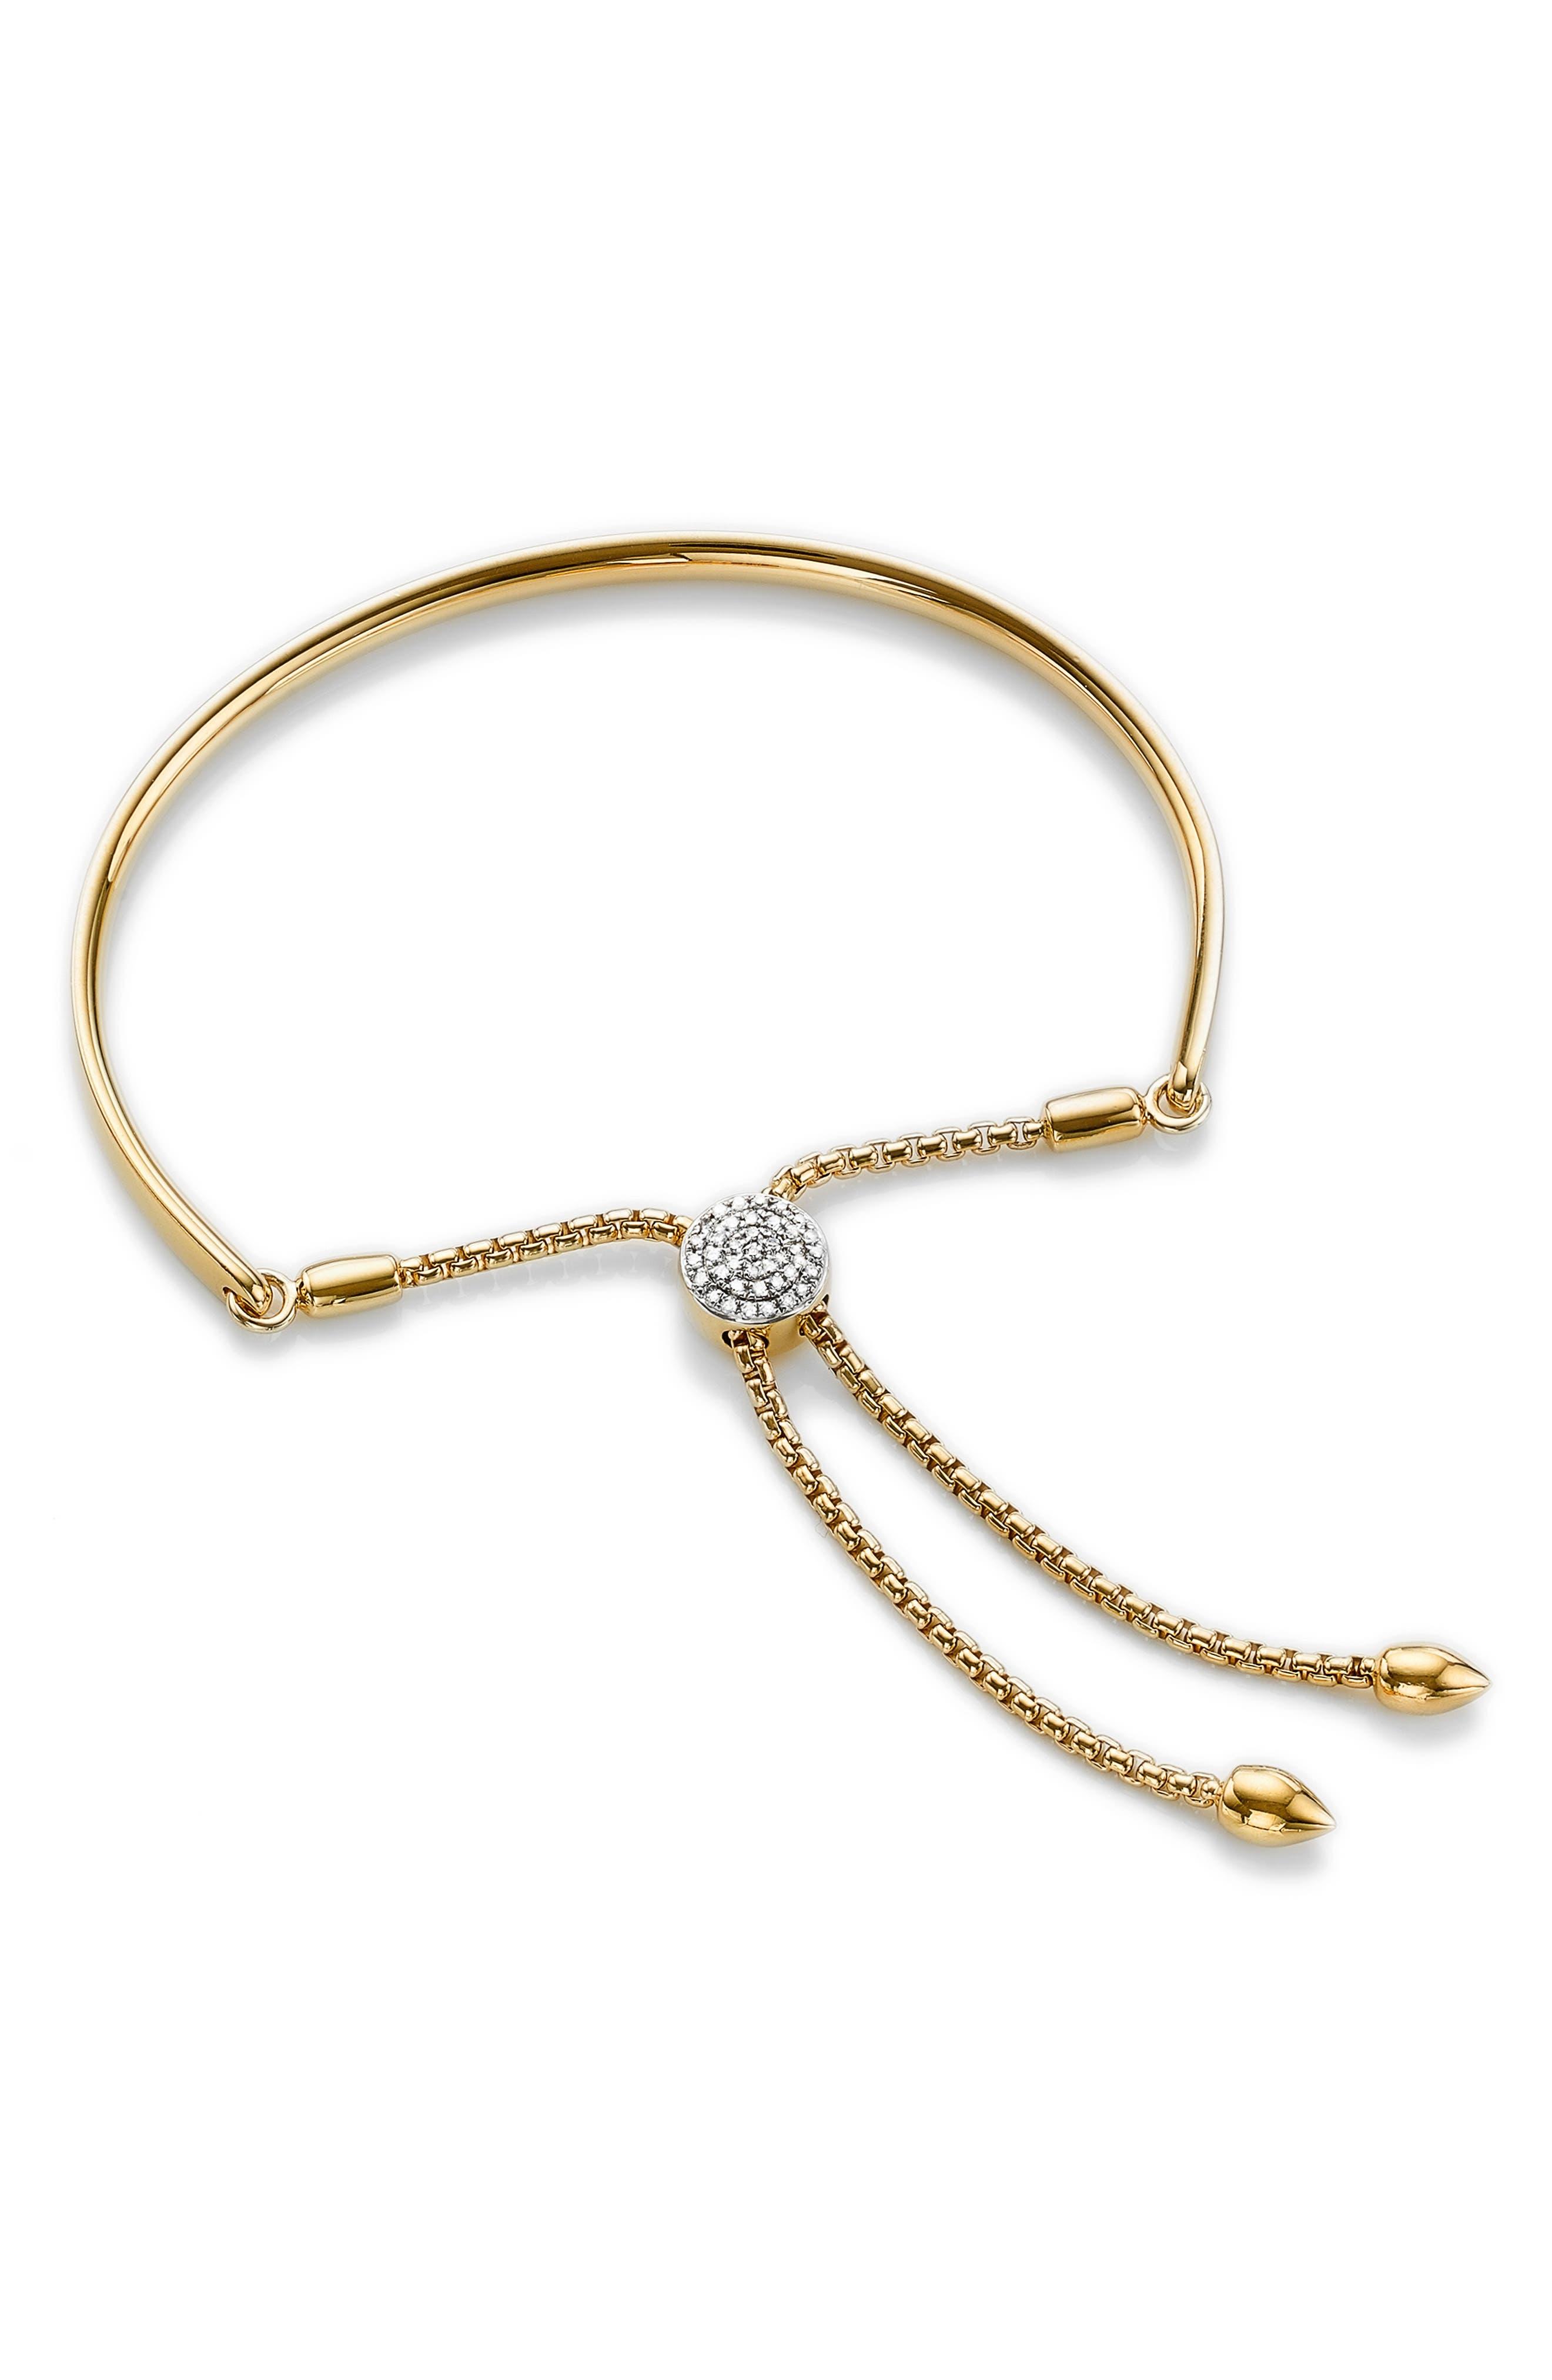 Fiji Diamond Toggle Bracelet,                             Main thumbnail 1, color,                             Gold/ Diamond